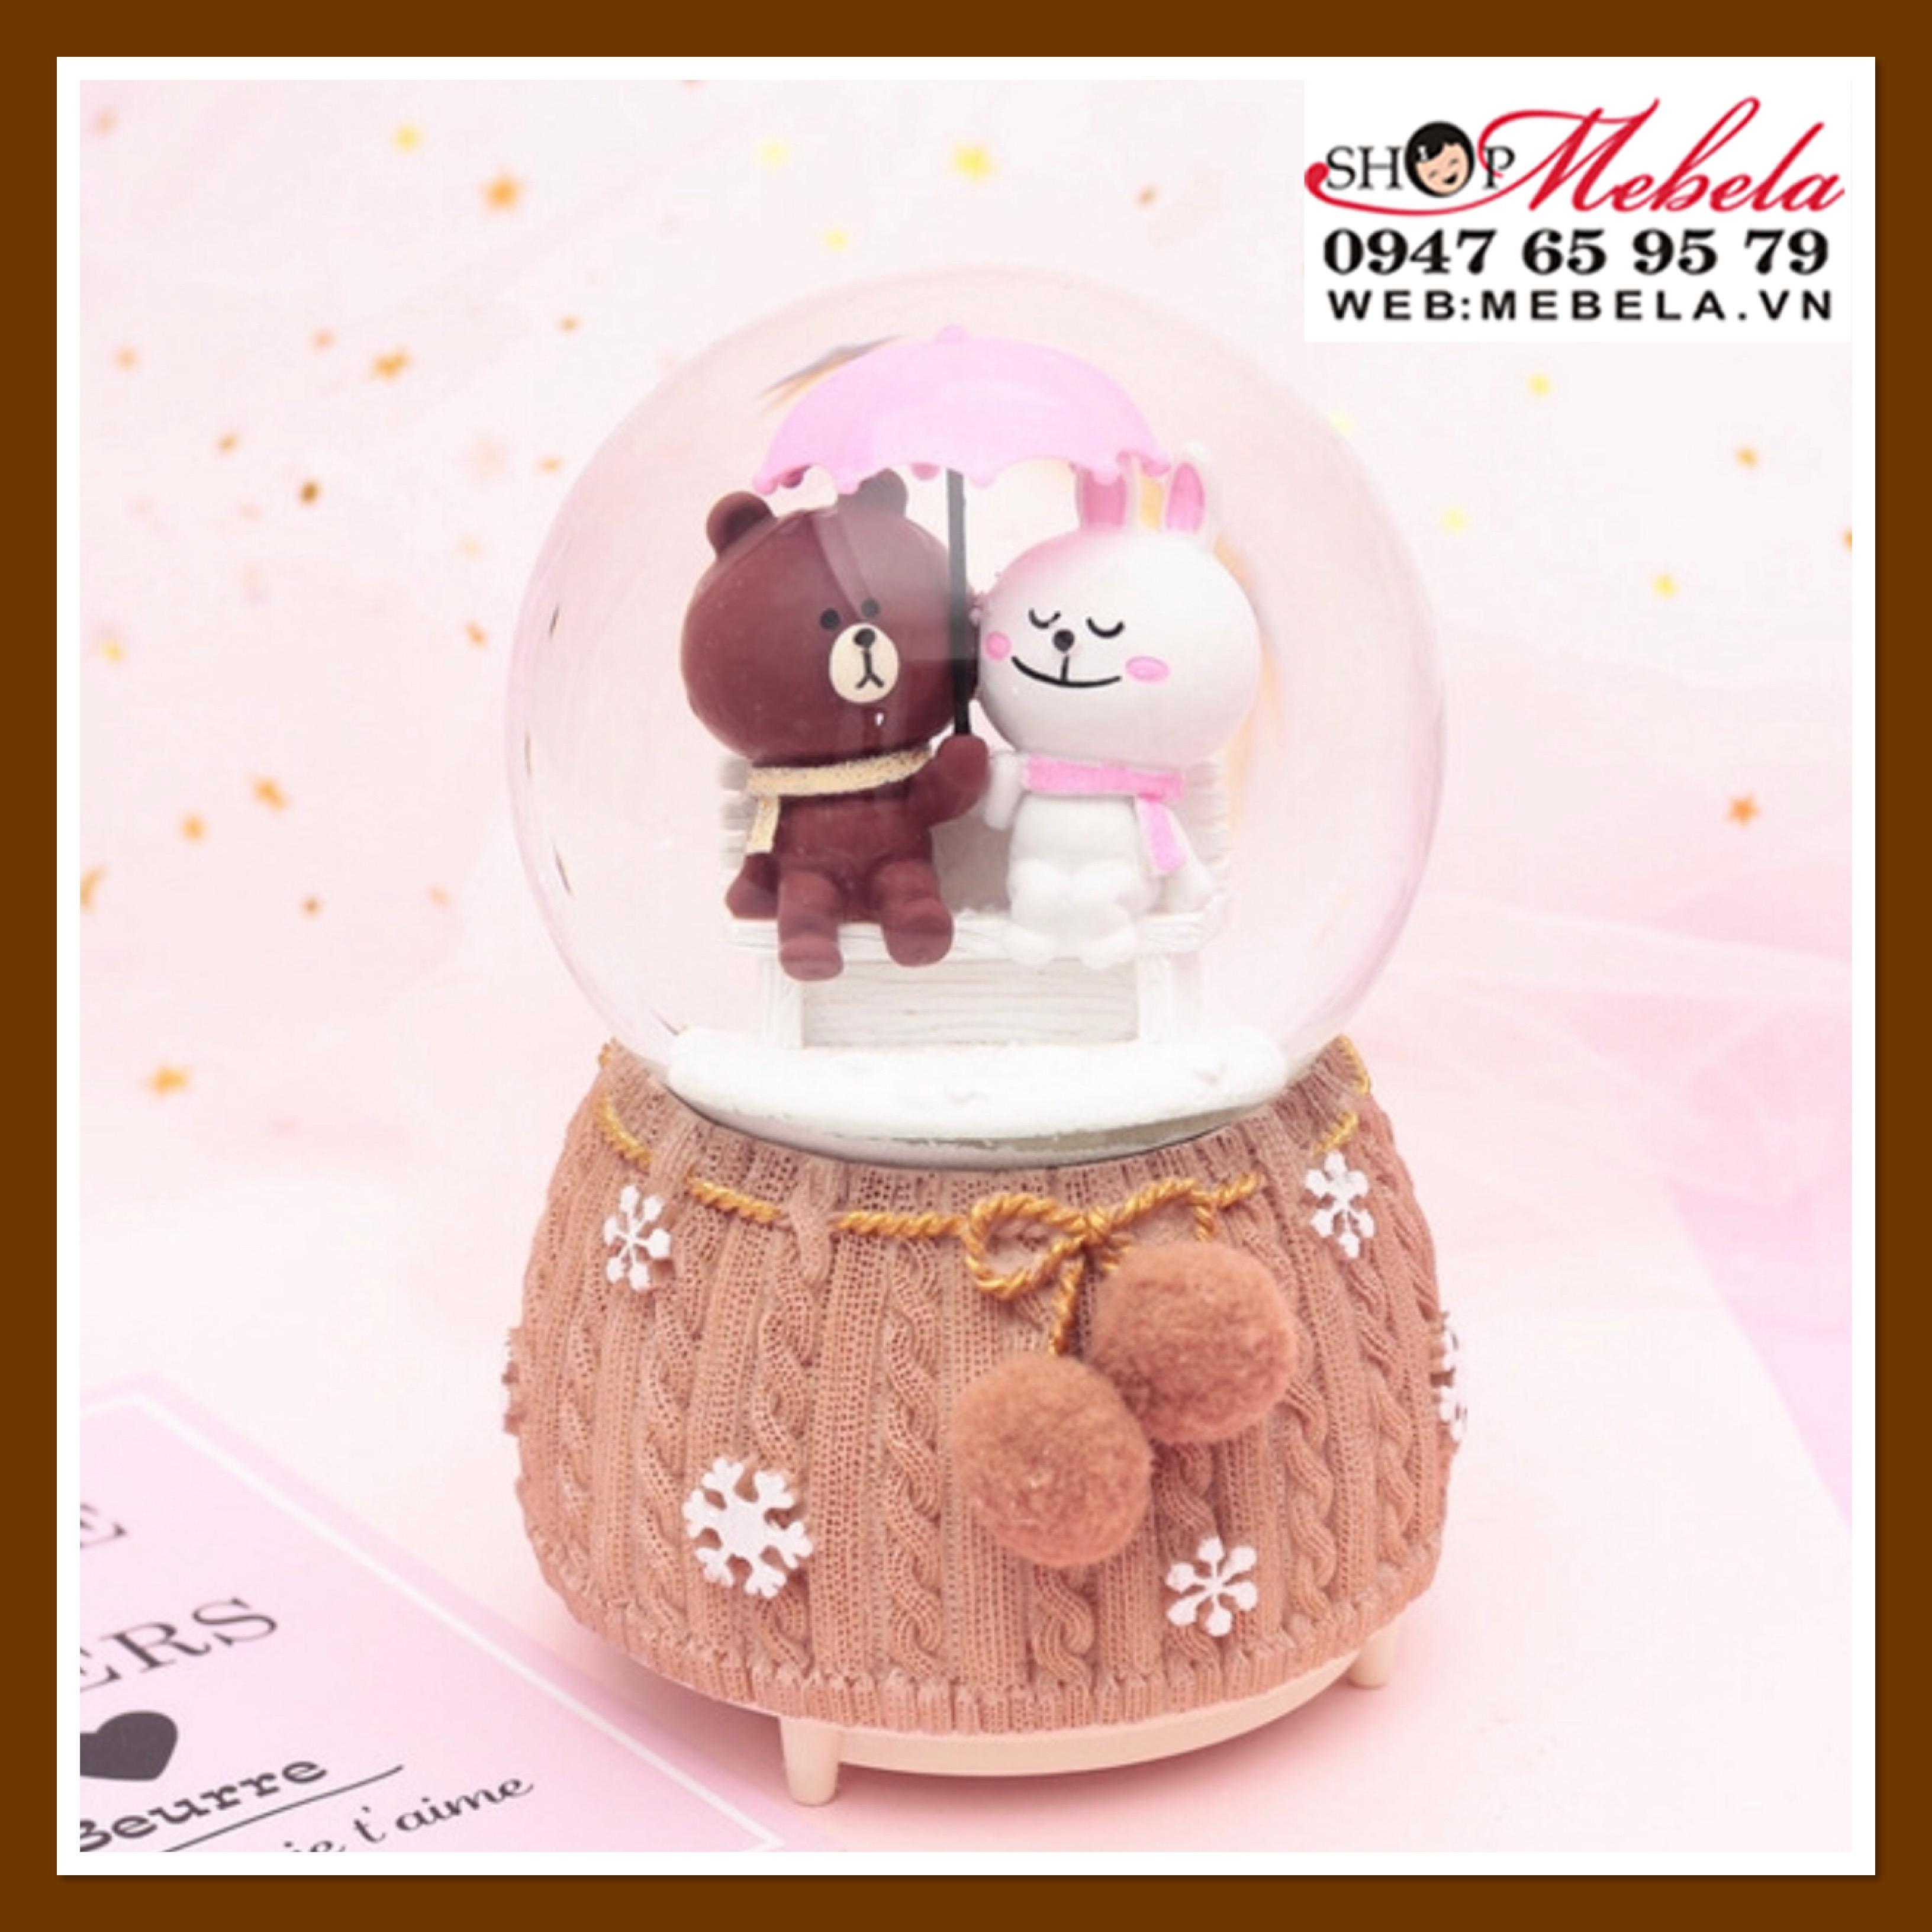 Quả cầu tuyết cặp đôi gấu thỏ che ô có tuyết phun tự động và đèn nhạc